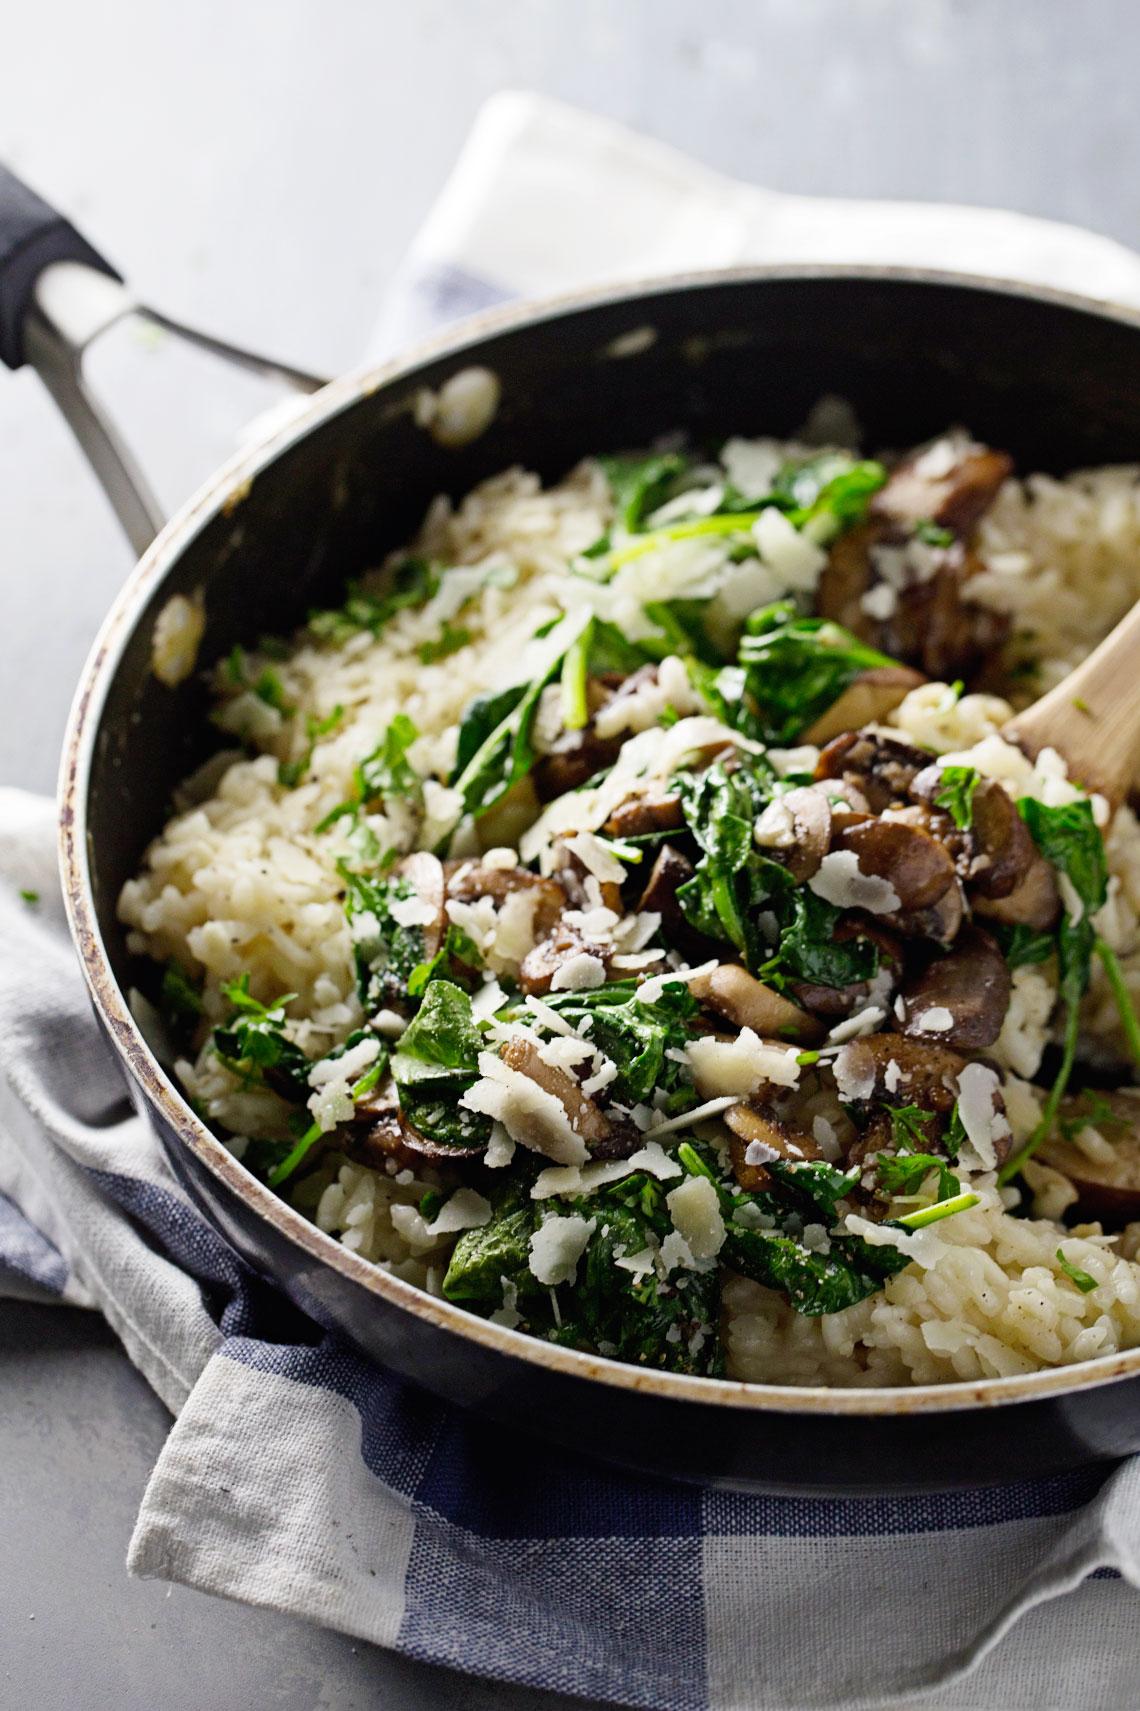 Recette Risotto Poulet Champignon : recette, risotto, poulet, champignon, Risotto, Canard,, épinard, Champignons, Recette, Direct, Cloutier, L'affamé